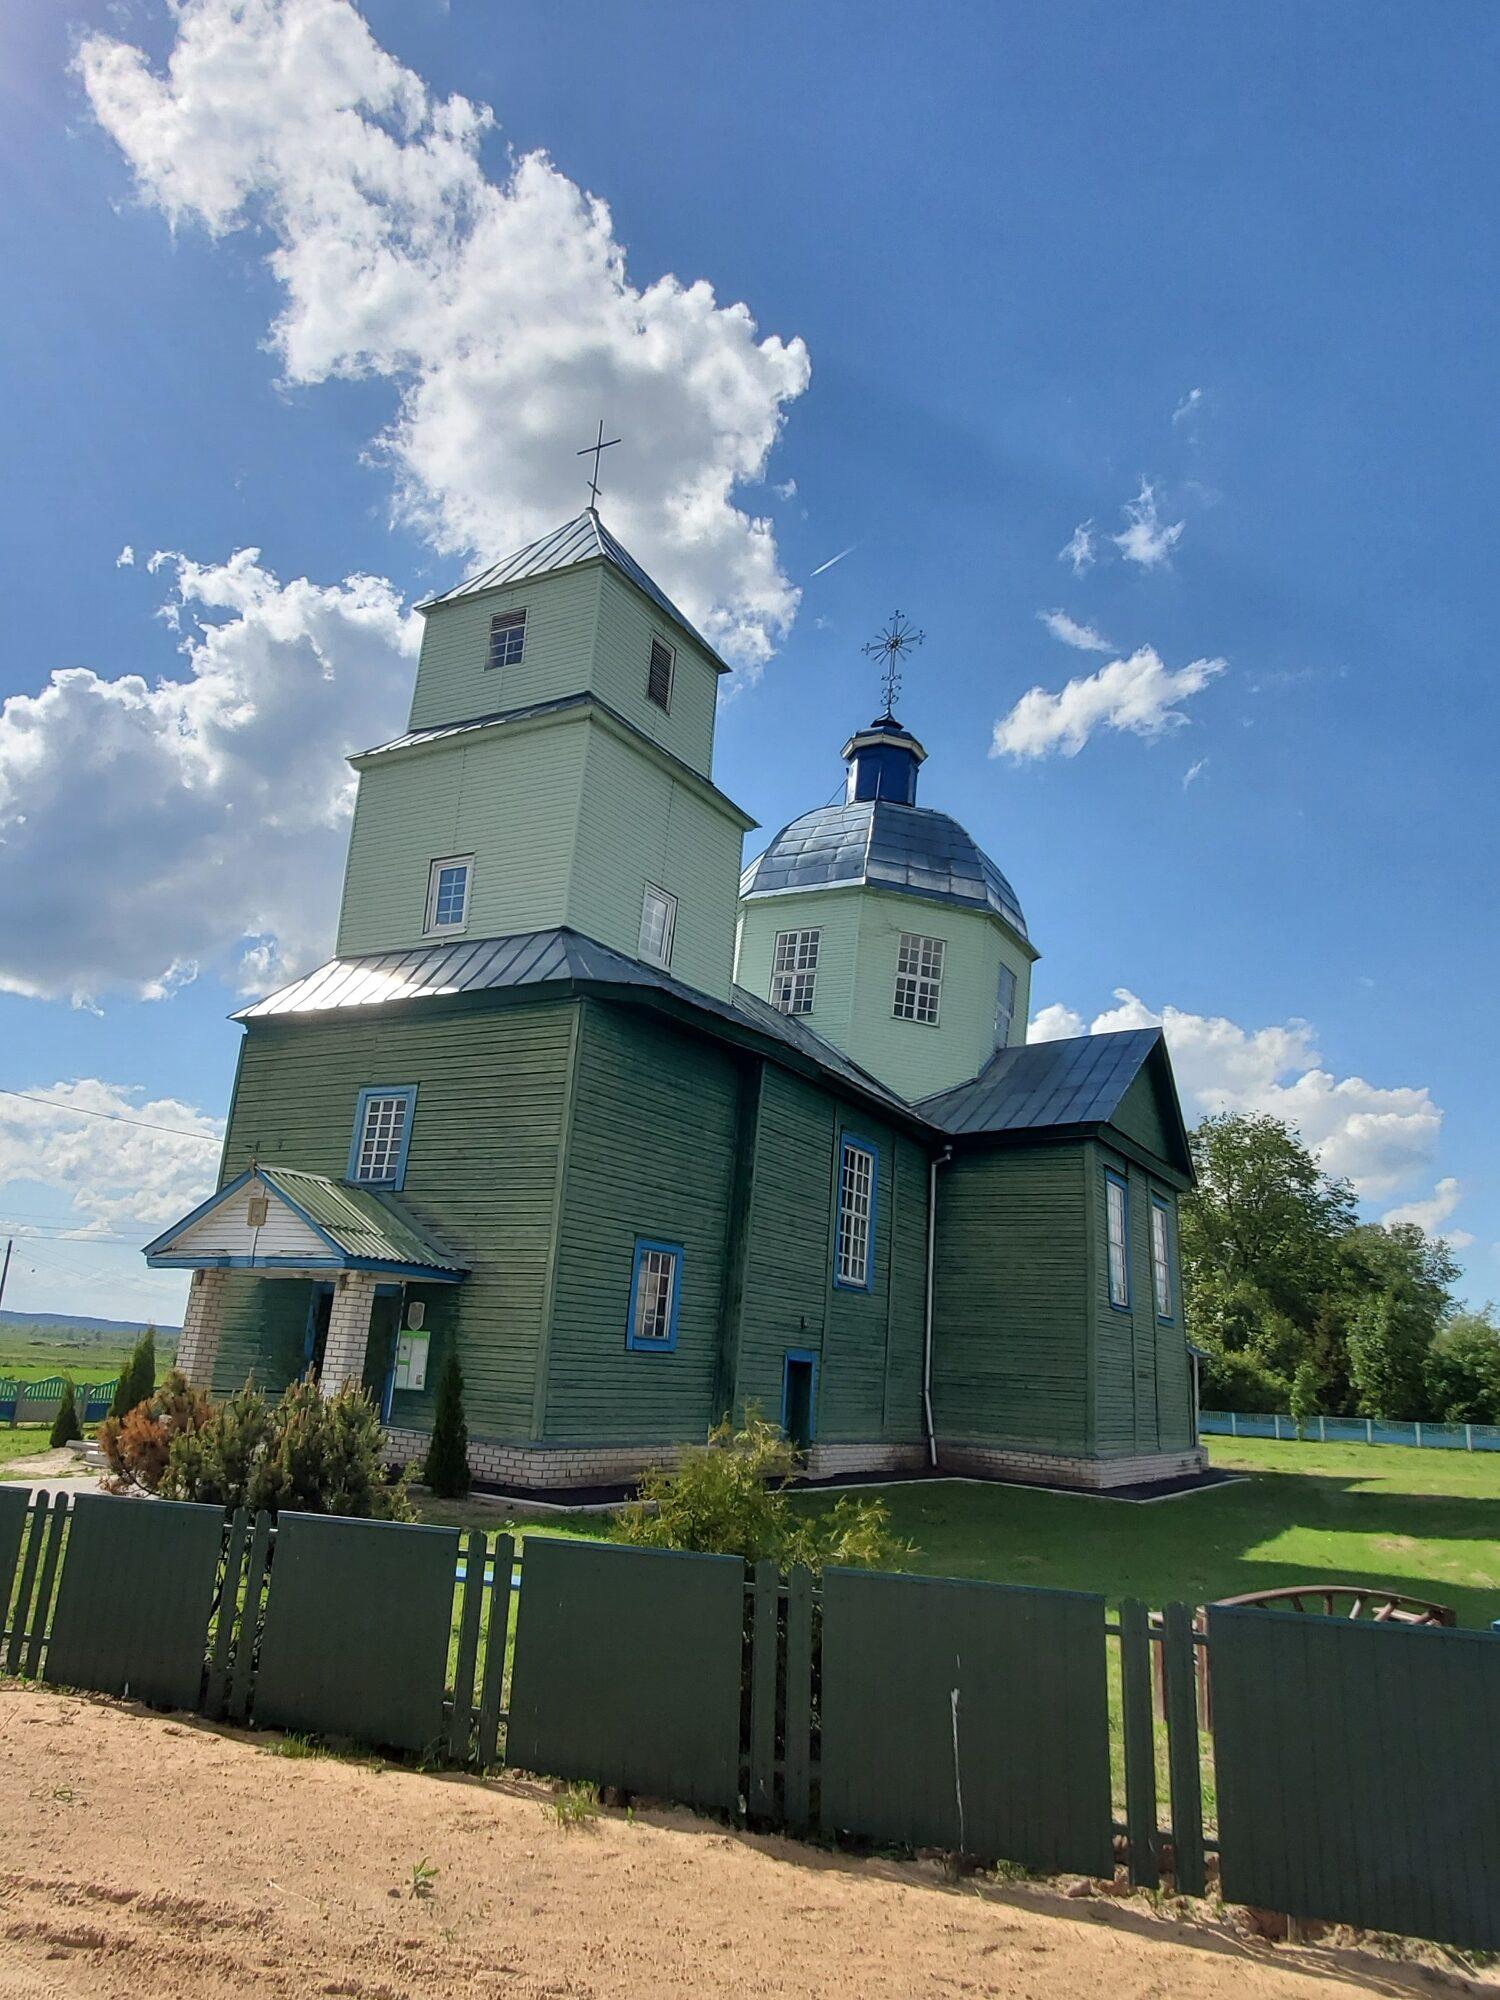 20200606 161023 rotated - Спасо-Преображенская церковь в Порплище